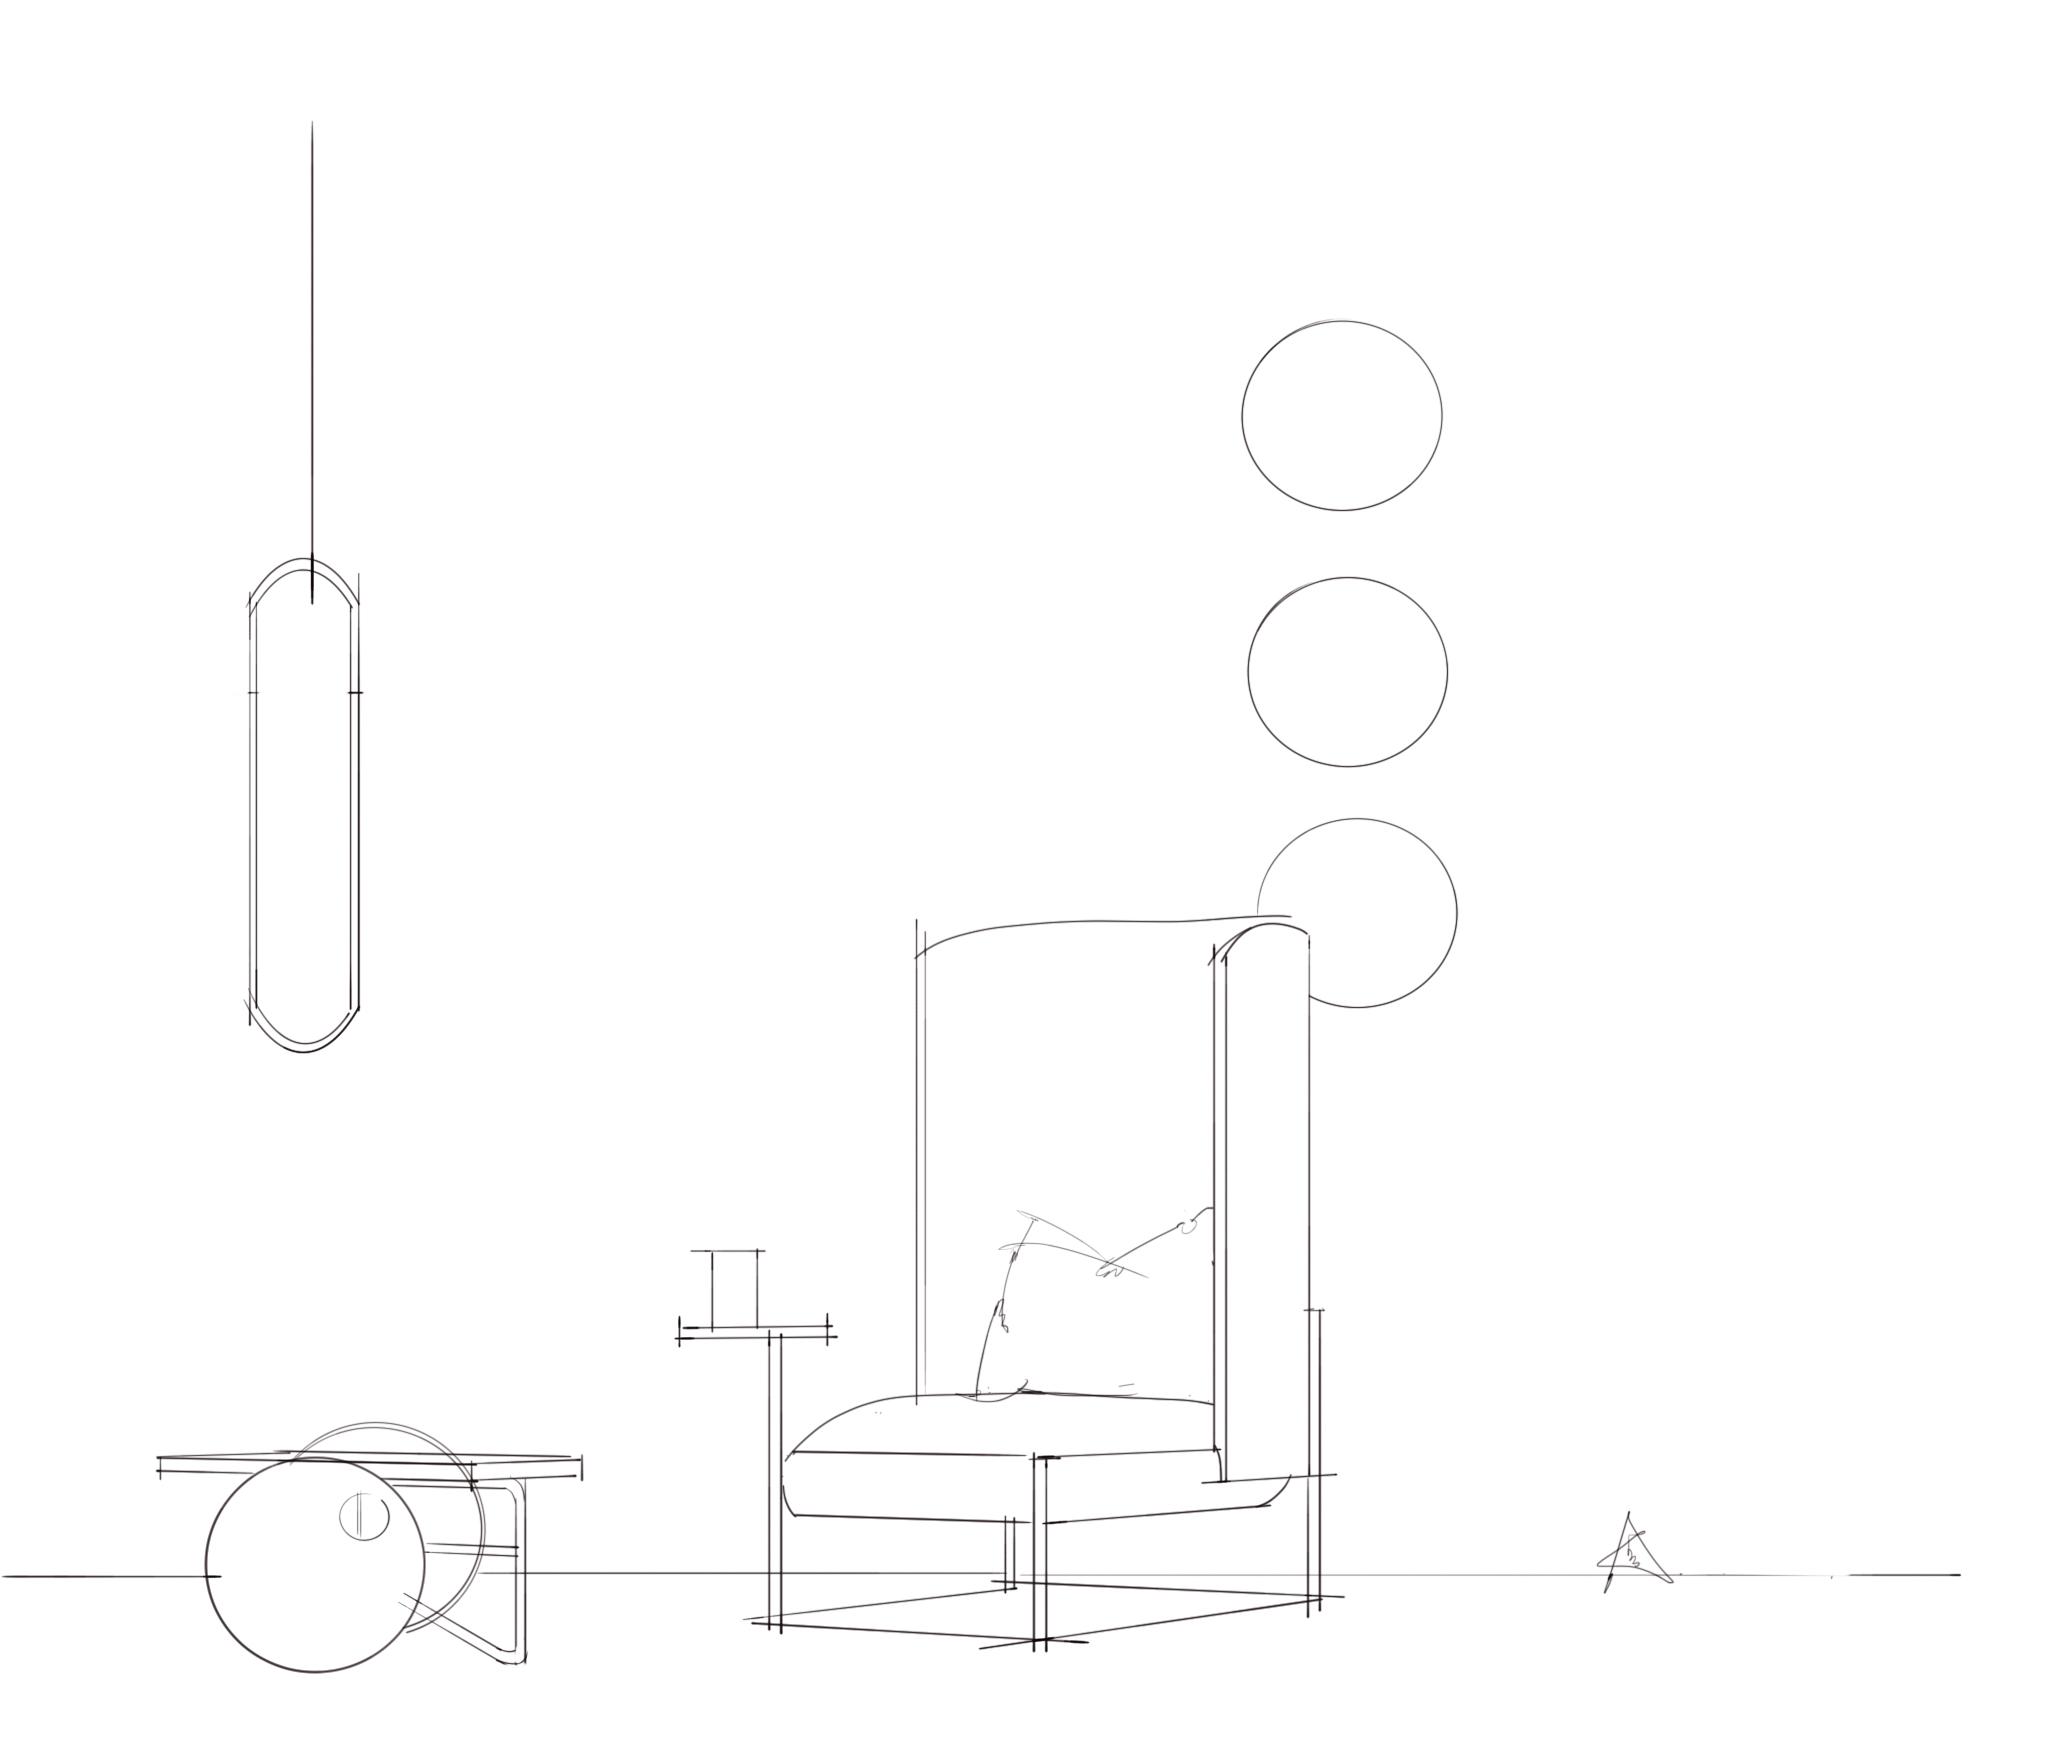 单体线稿(手绘) 空间 室内设计 a32号 - 原创作品